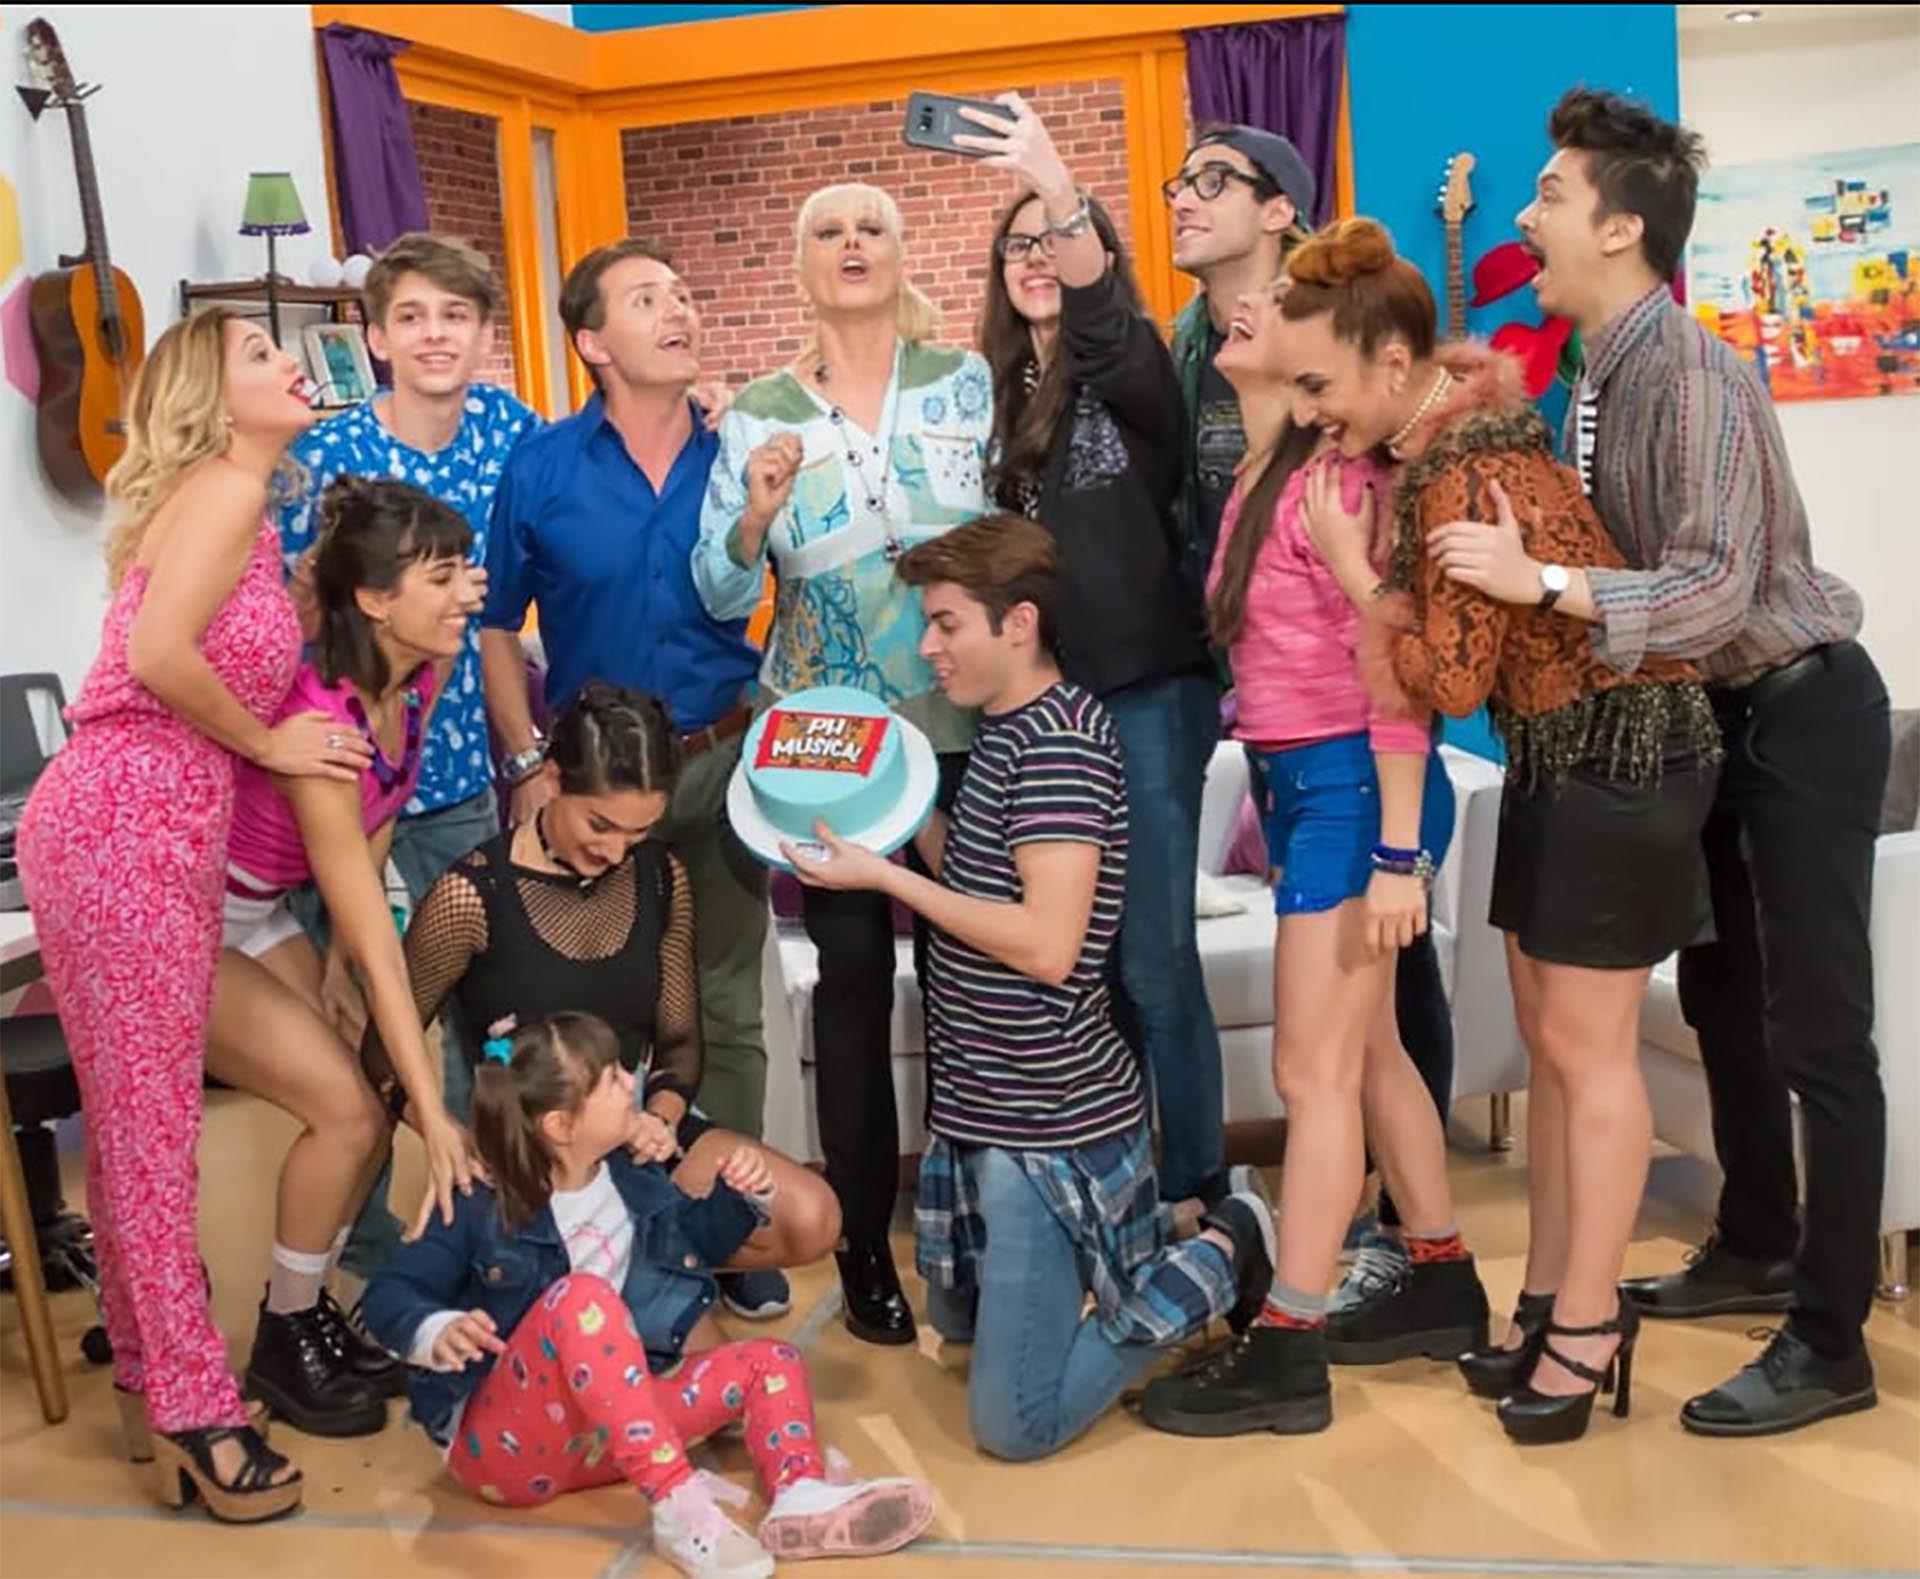 """Valeria Lynch estrenó """"PH El Musical"""", con actuaciones de los alumnos egresados de su escuela de arte, en el Teatro Regina. Daniel Gómez Rinaldi fue uno de los invitados"""